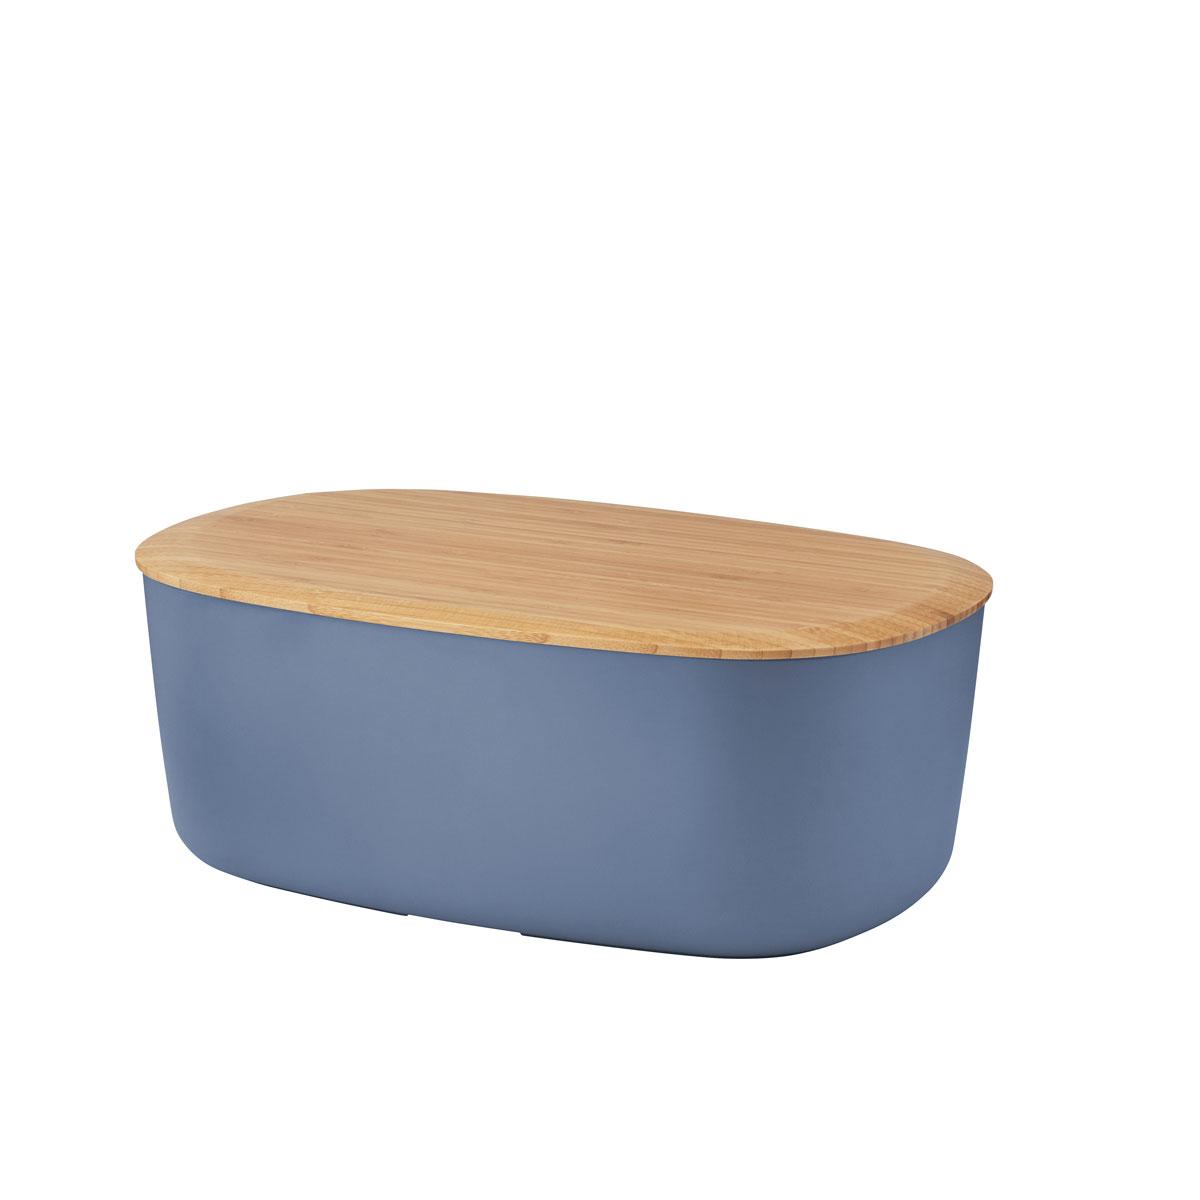 brotkasten box it von rig tig by stelton. Black Bedroom Furniture Sets. Home Design Ideas